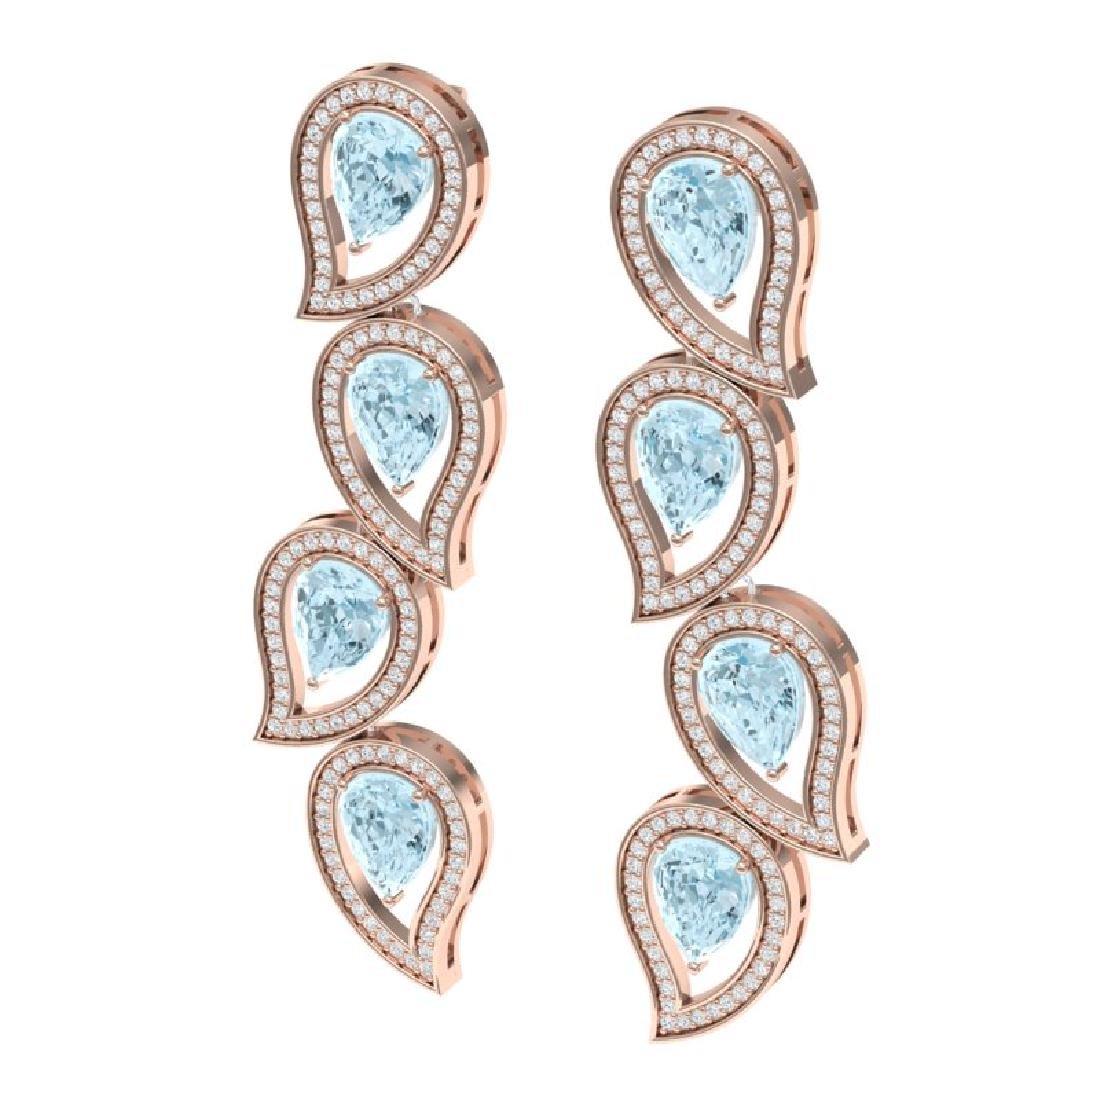 15.69 CTW Royalty Sky Topaz & VS Diamond Earrings 18K - 2